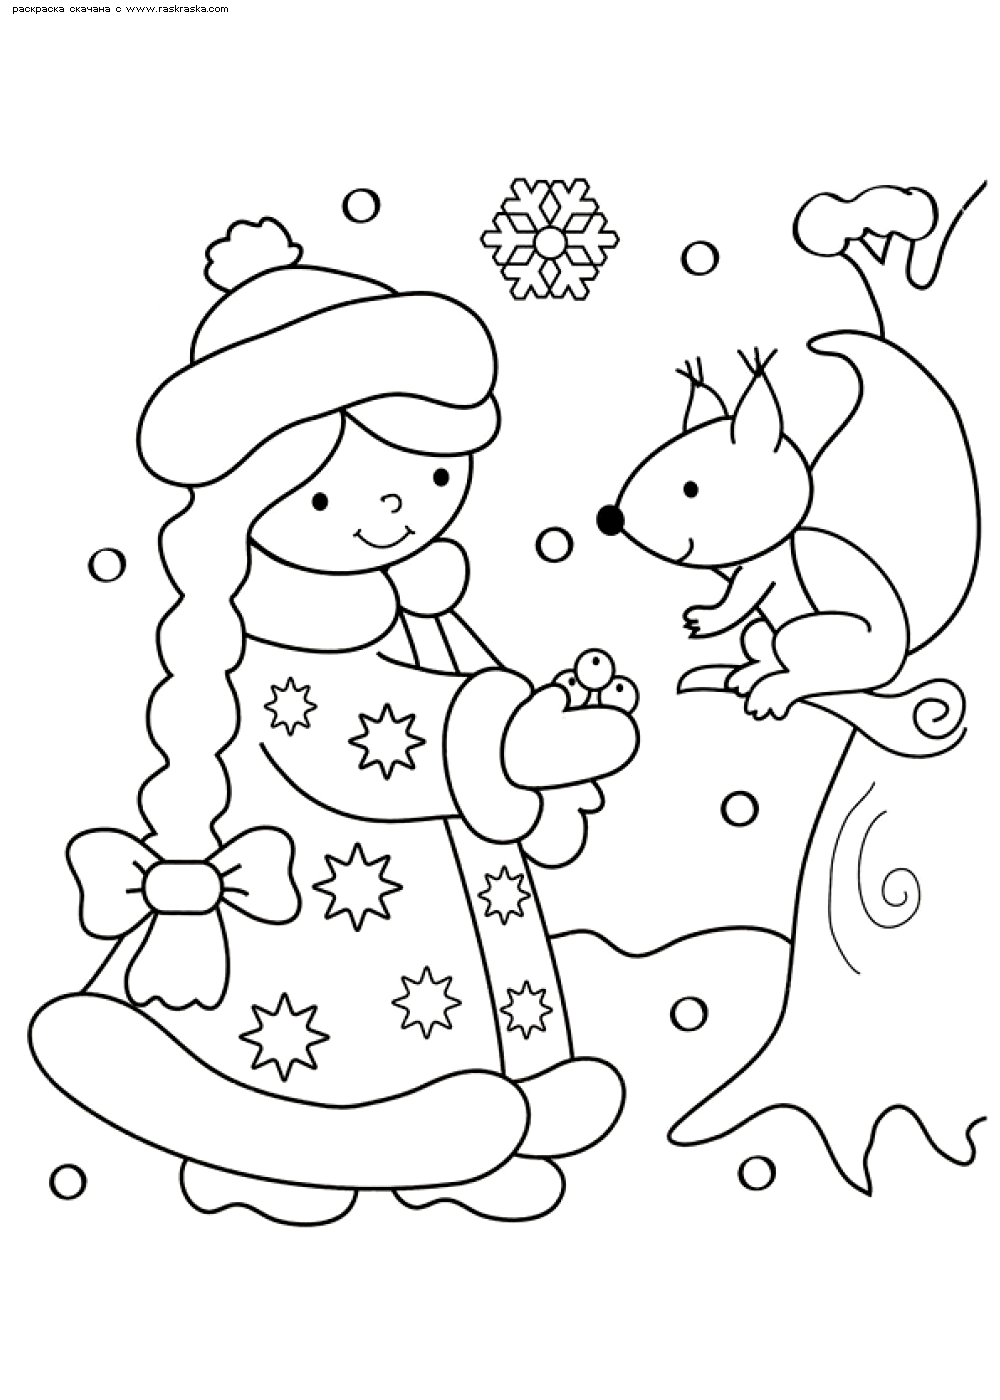 Раскраска Снегурочка. Раскраска снегурочка, белка